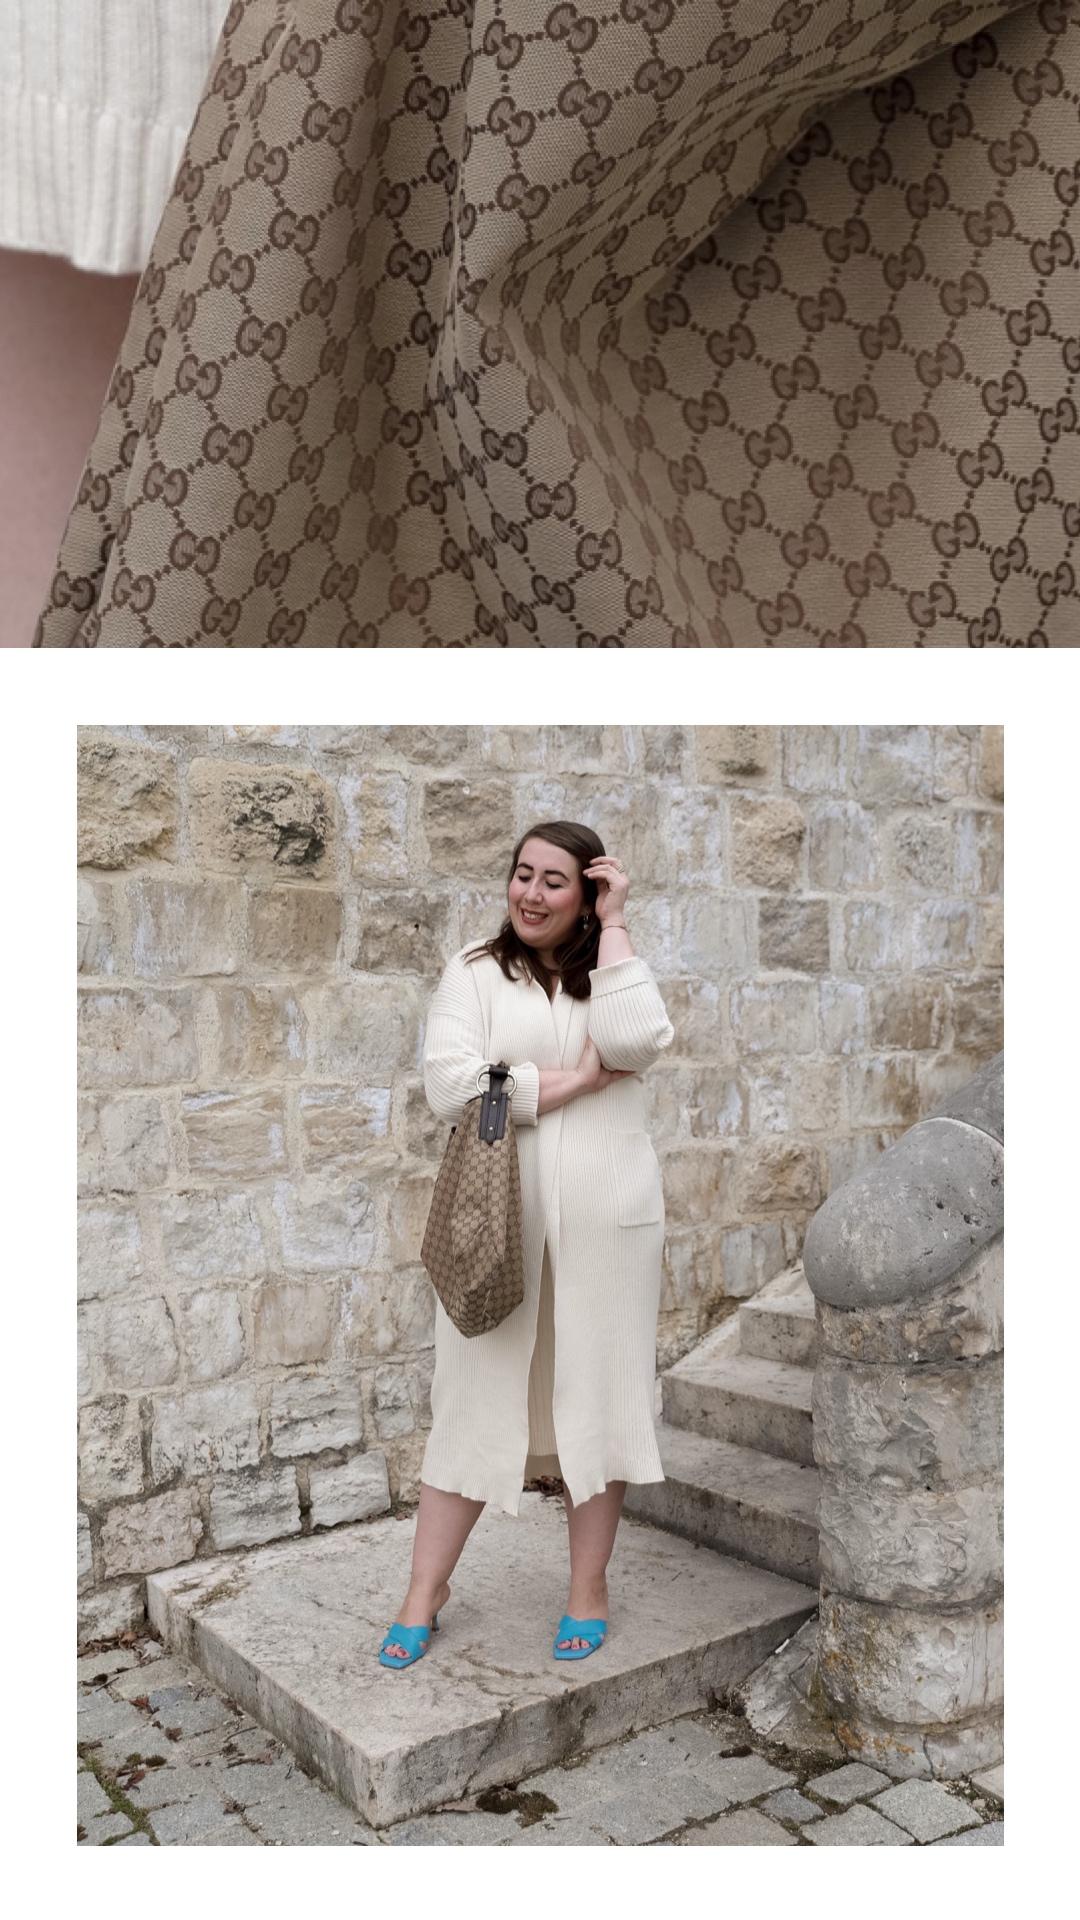 misssuzieloves-Zara-Strickset-Work-Leisure-Athflow-Athleisure-Style-Gucci-Hobo-Horsebit-Monogram